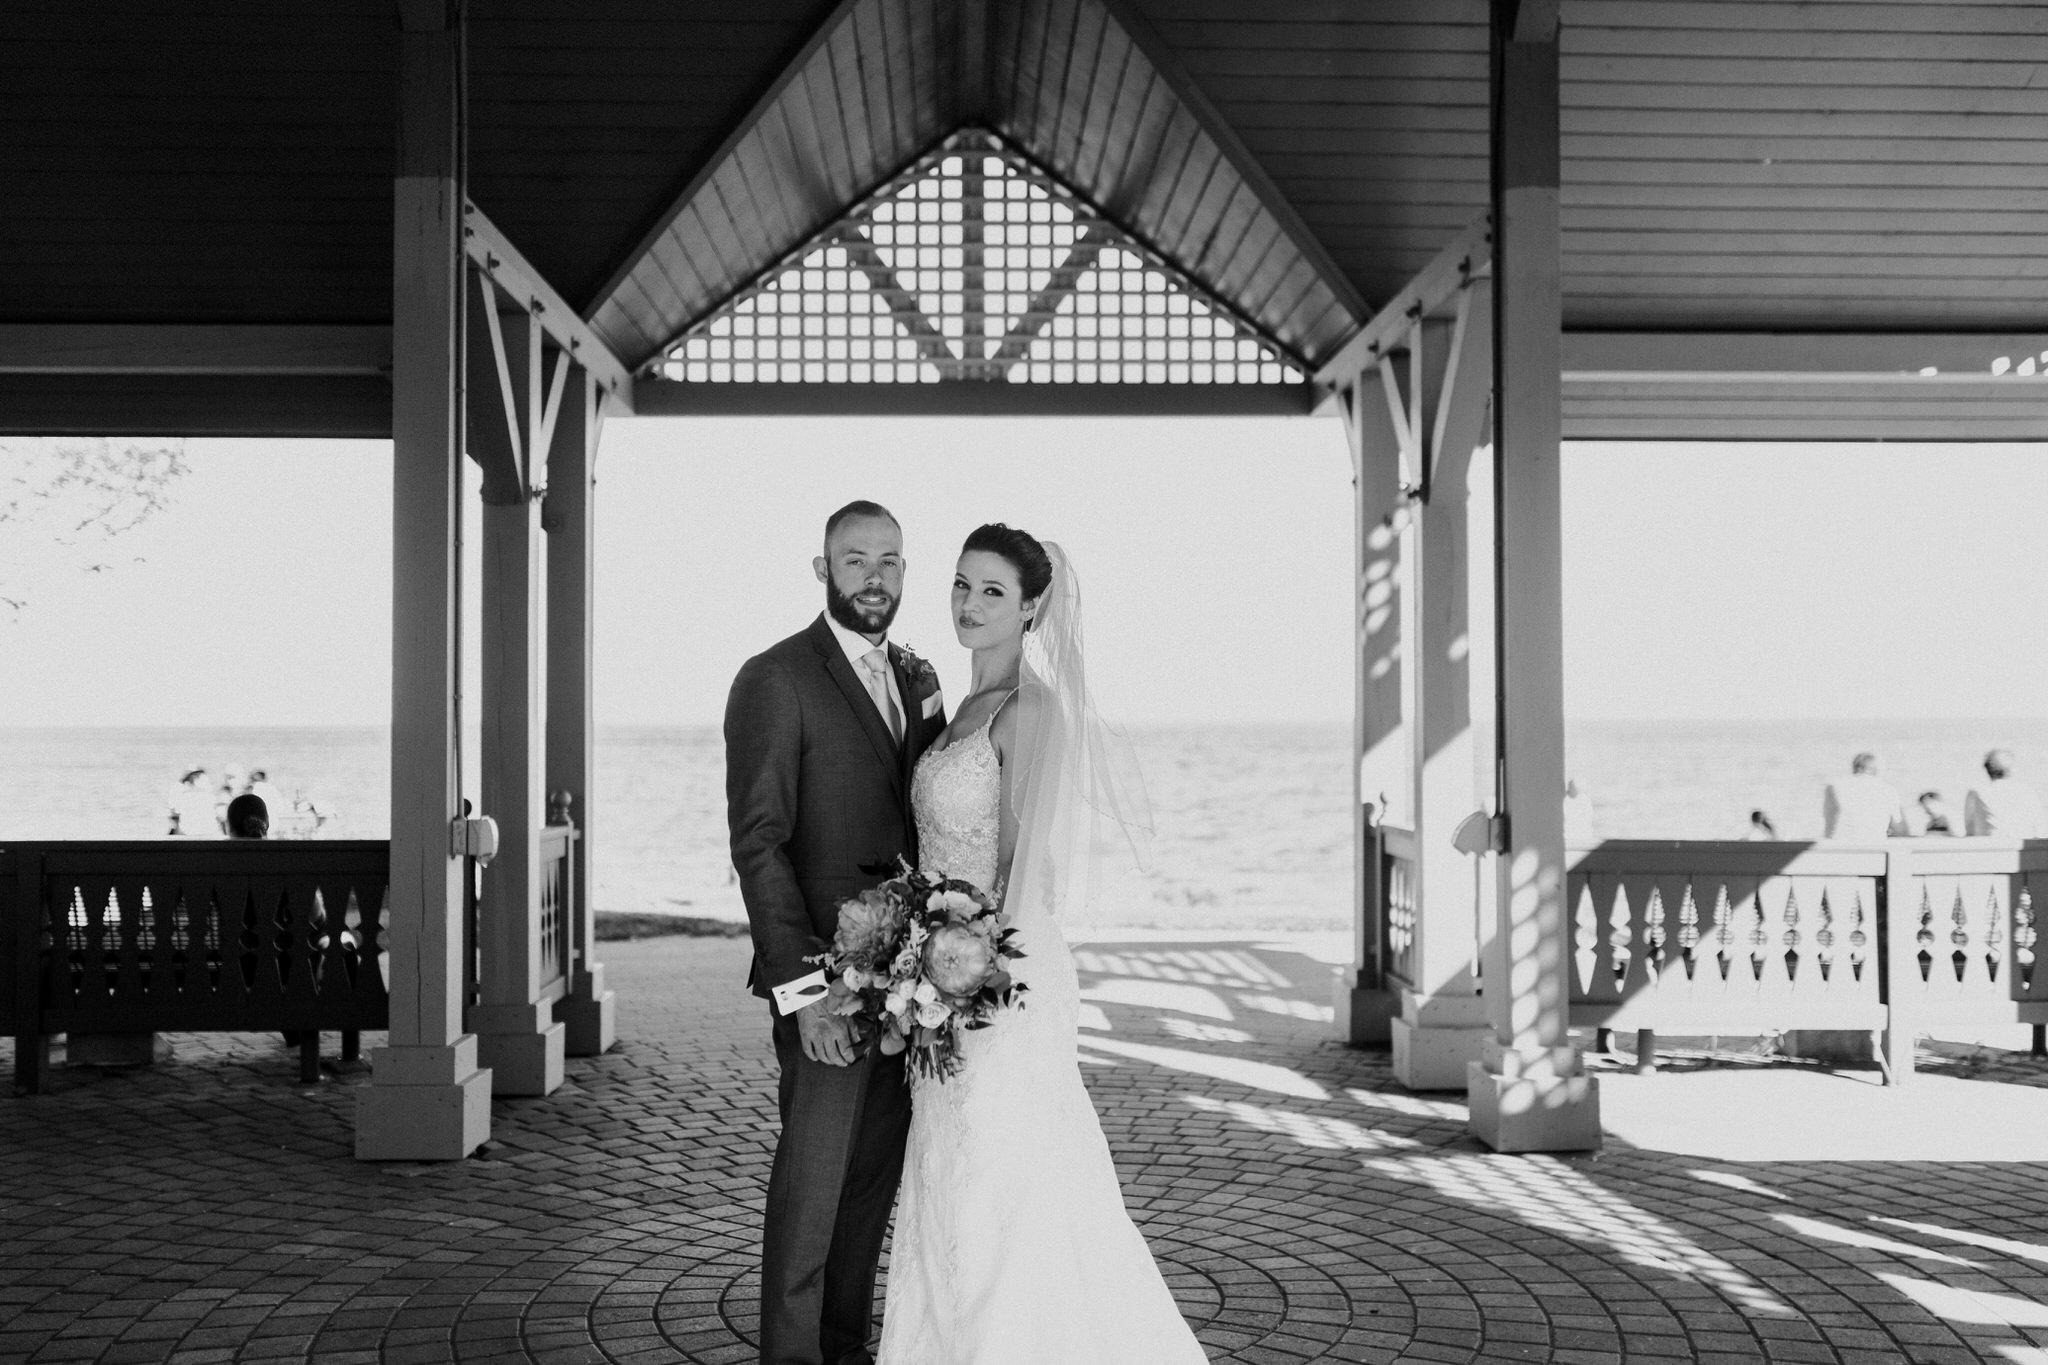 Brock Street Brewery Wedding - bride and groom portrait